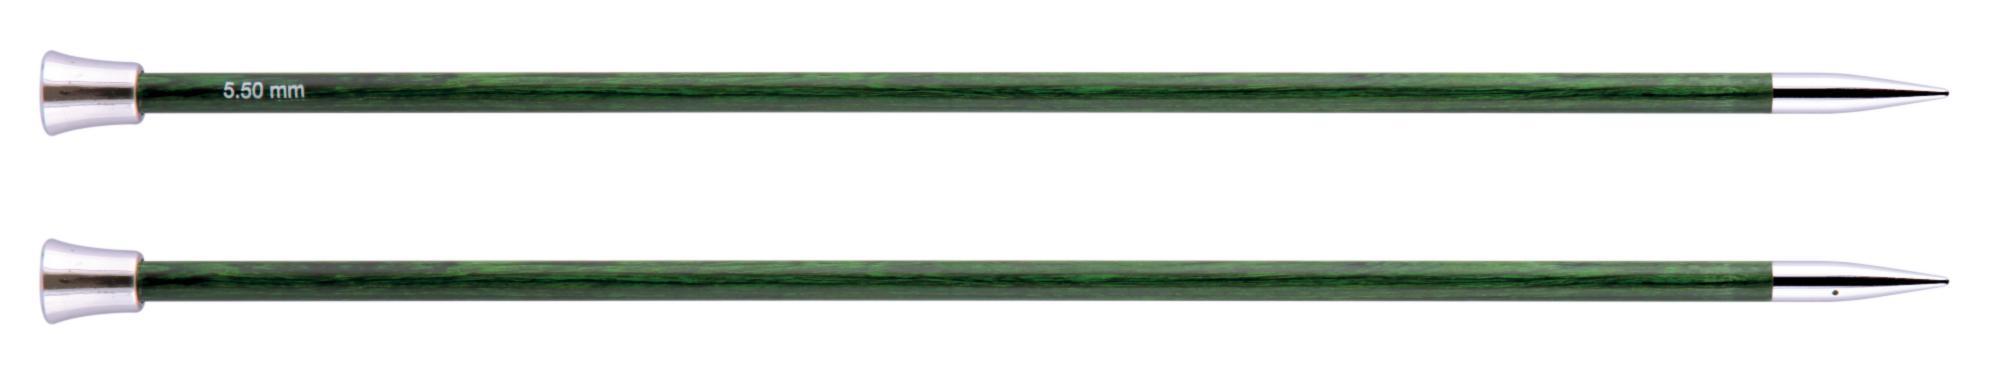 Спицы прямые 30 см Royale KnitPro, 29198, 5.50 мм